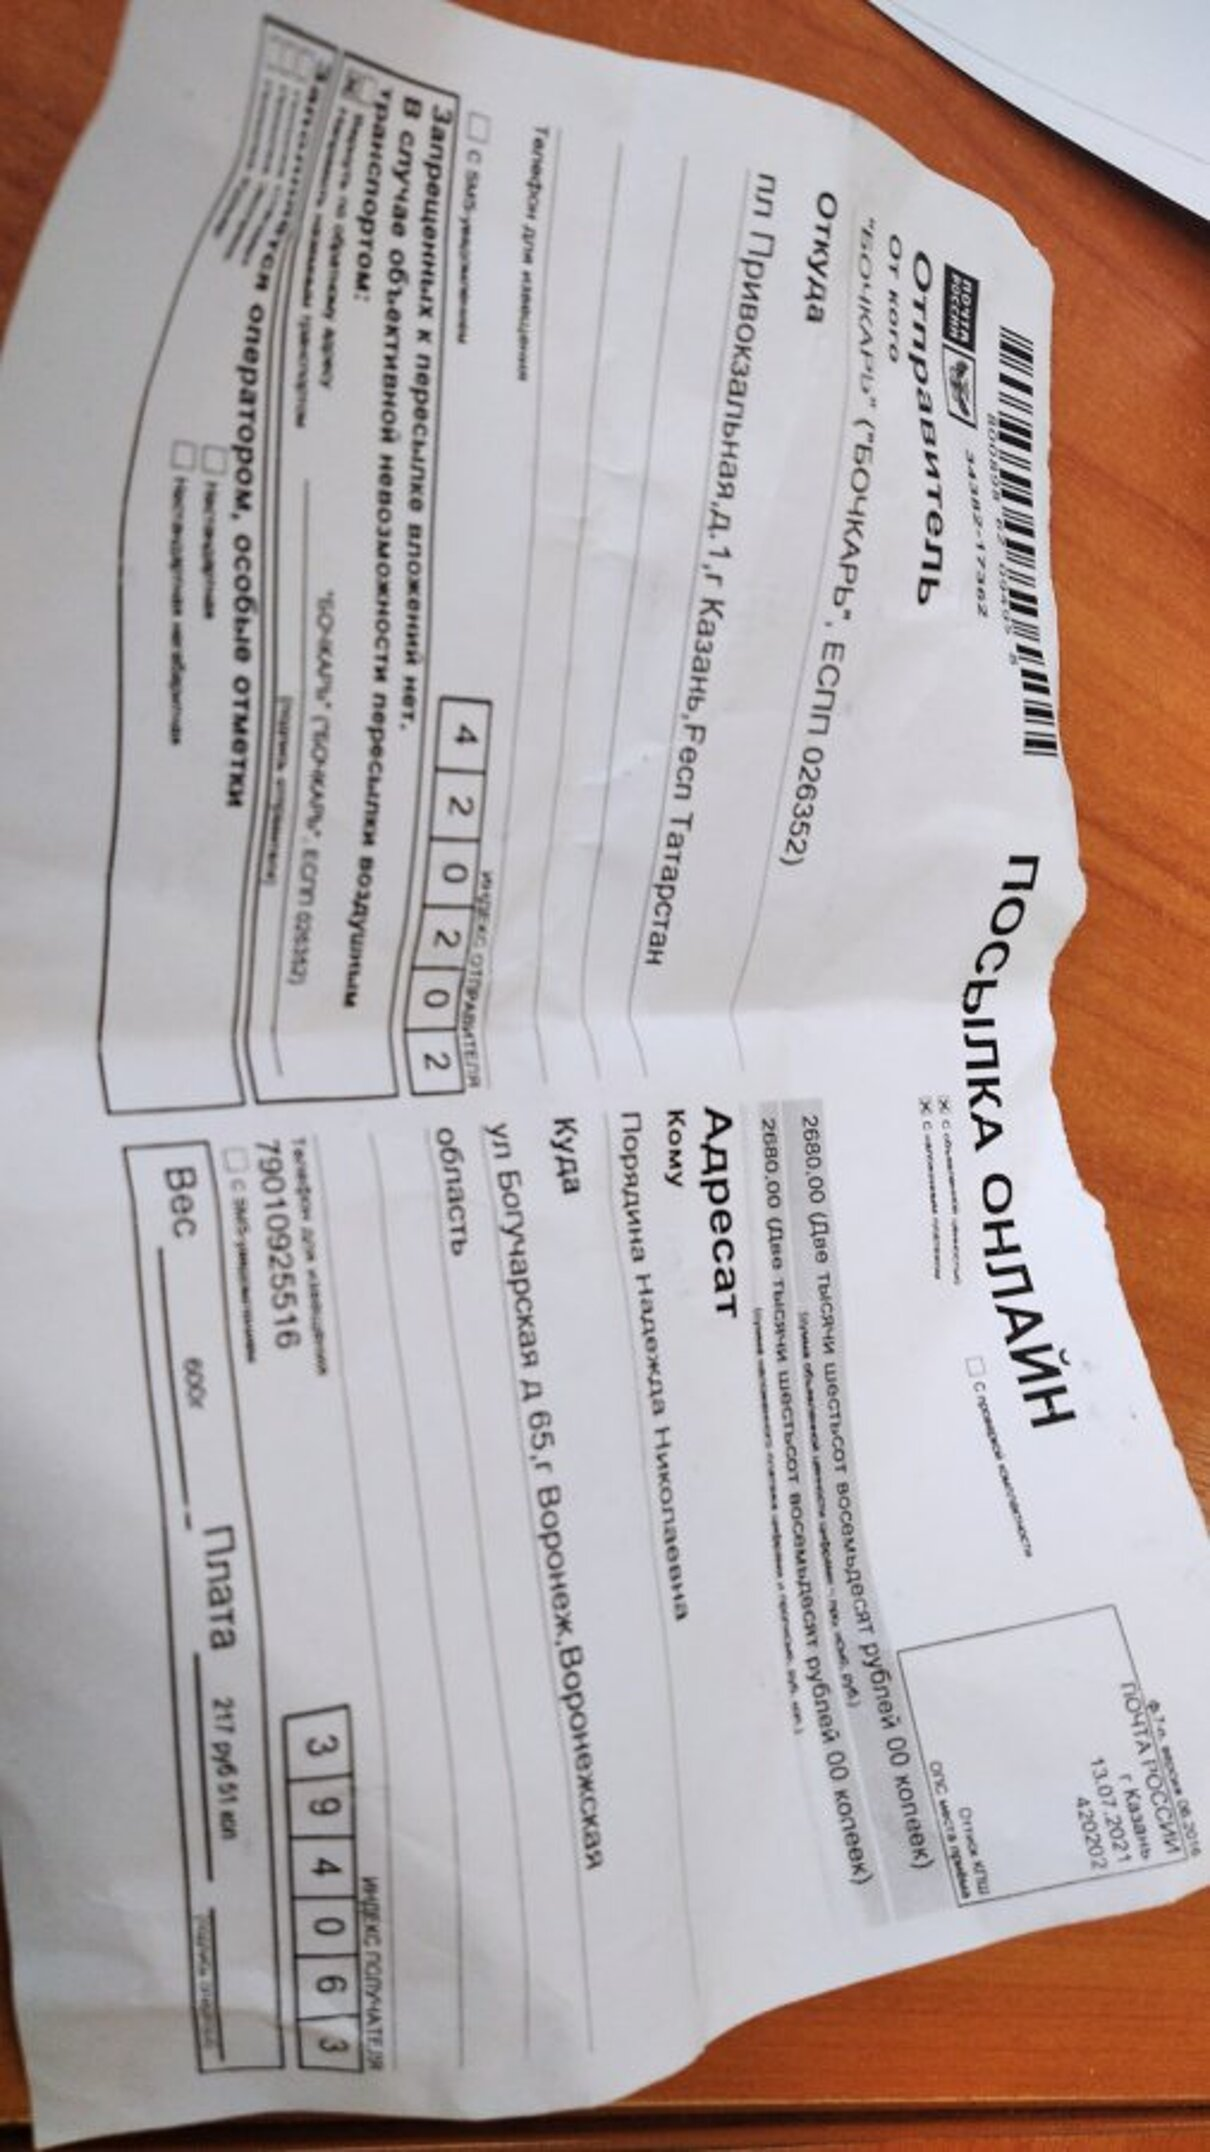 Жалоба-отзыв: Samo ортопедические шлепки - Обман покупателей.  Фото №2